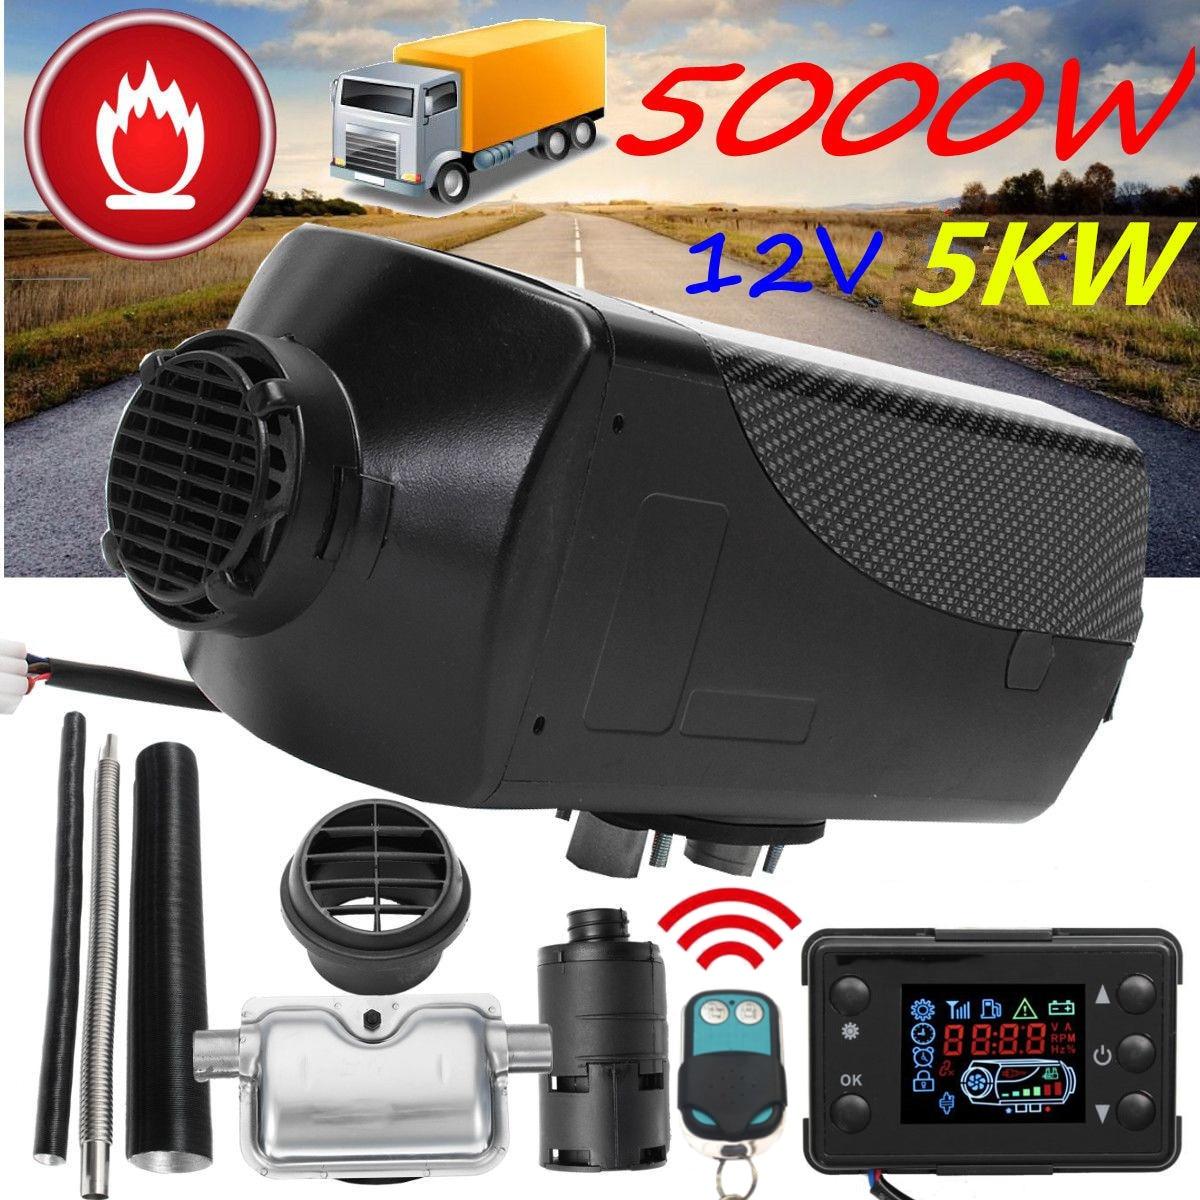 Автомобильный обогреватель 5 кВт 12 В, воздушный обогреватель, стояночный обогреватель с пультом дистанционного управления, ЖК-монитор для RV...